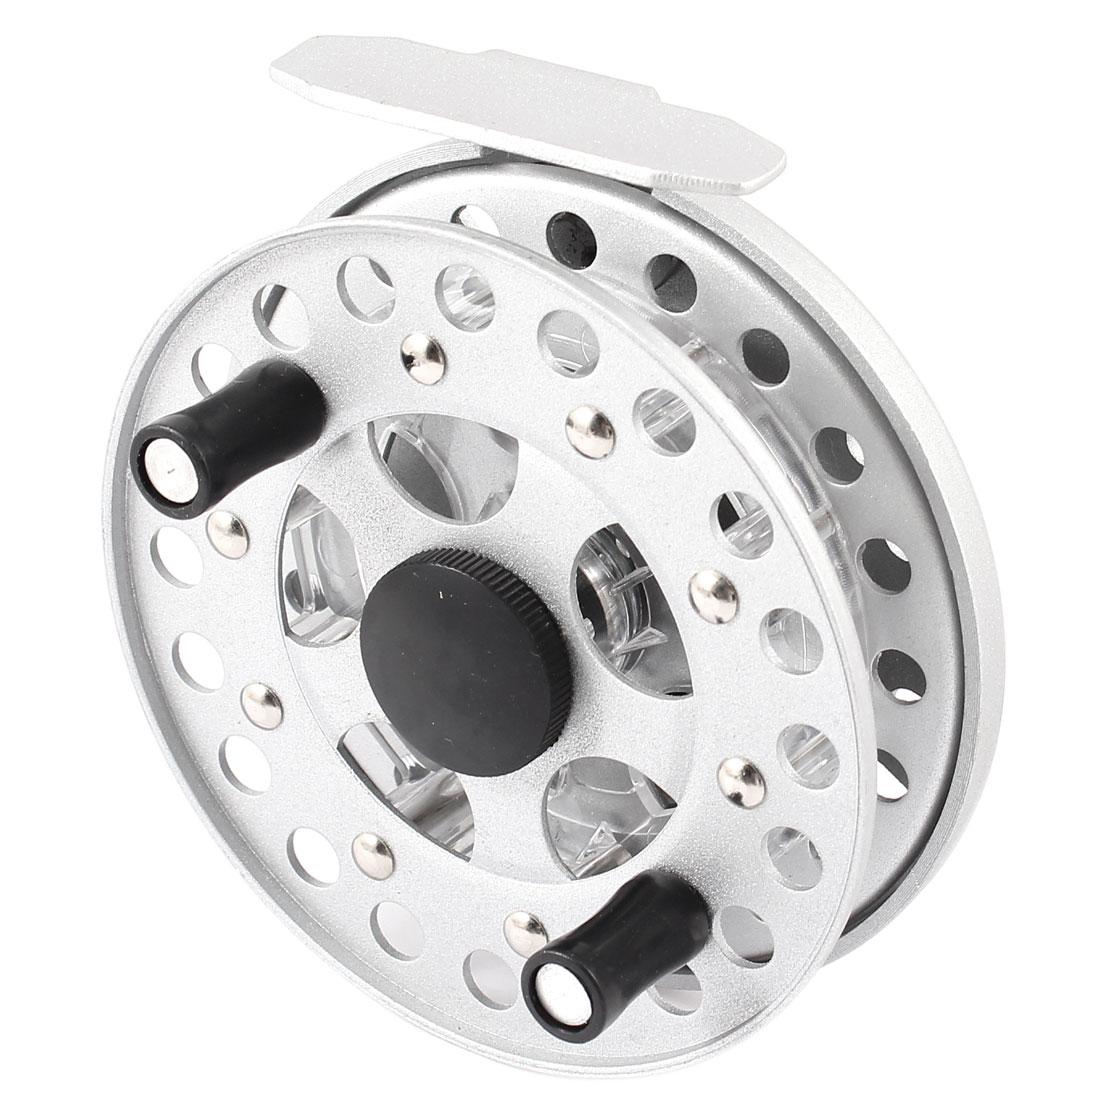 Silver Tone Metal Fishing Line Trolling Reel Spool 10cm Dia